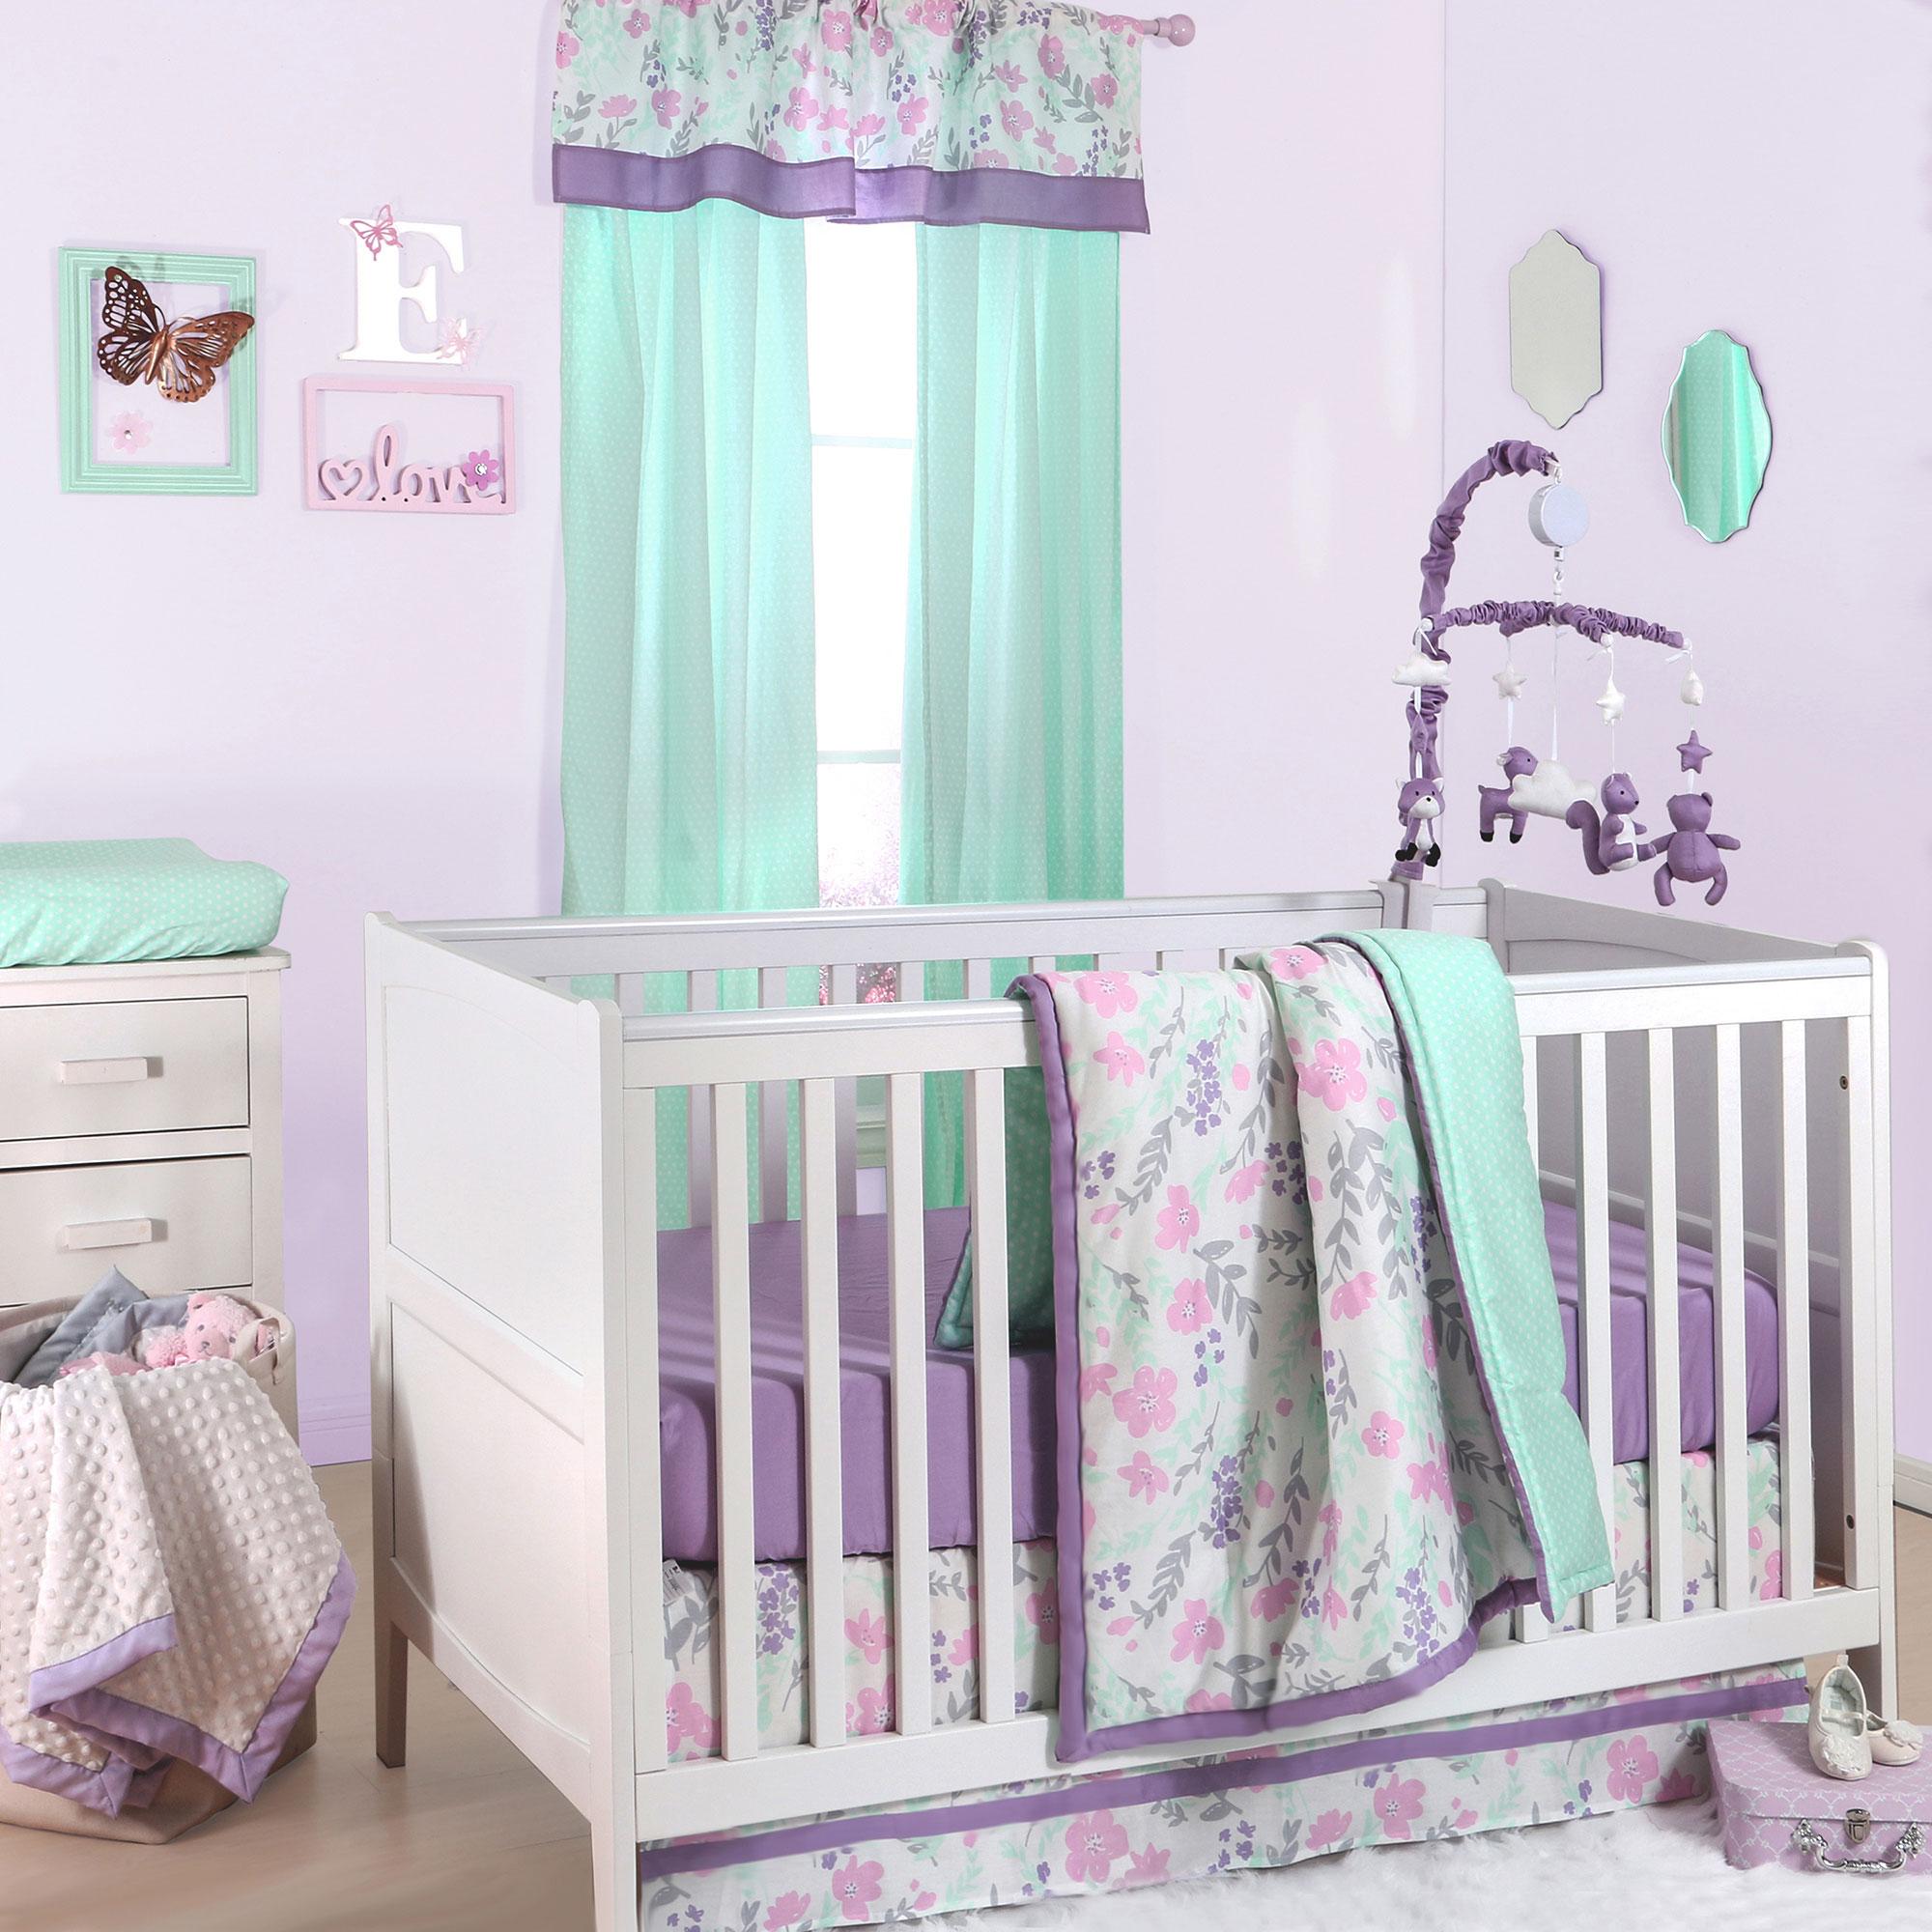 Flower & Dew Drop Pink and Purple Baby Girl Crib Bedding - 11 Piece Sleep Essentials Set